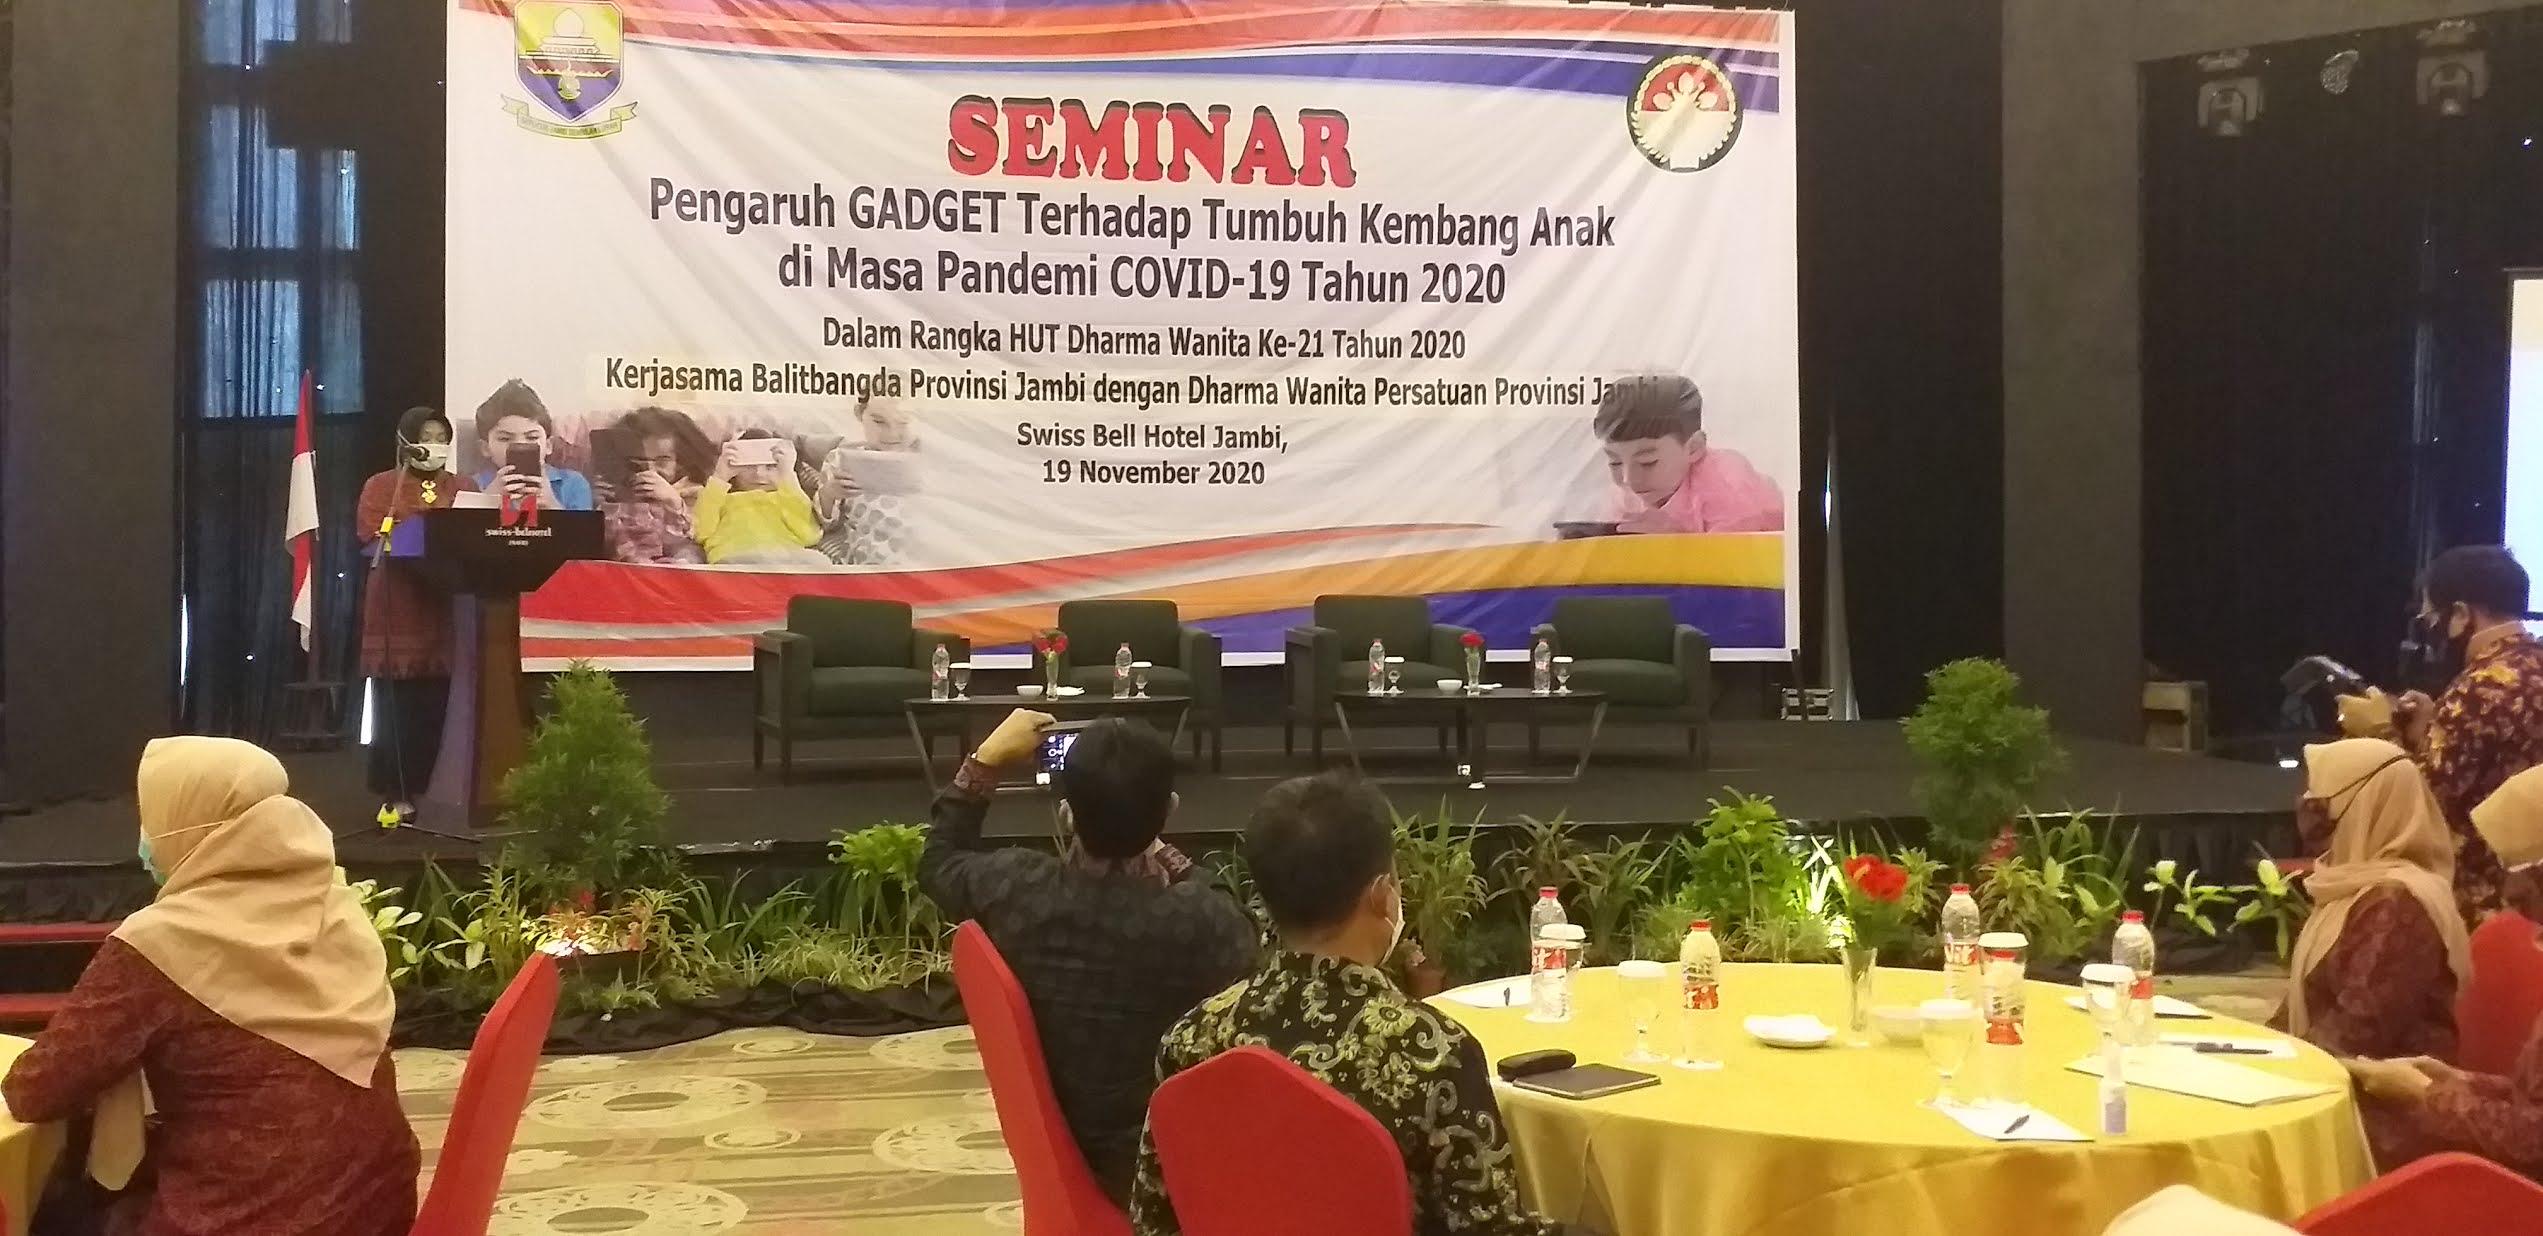 Ibu Pjs Gubernur Jambi Secara Resmi Membuka Seminar